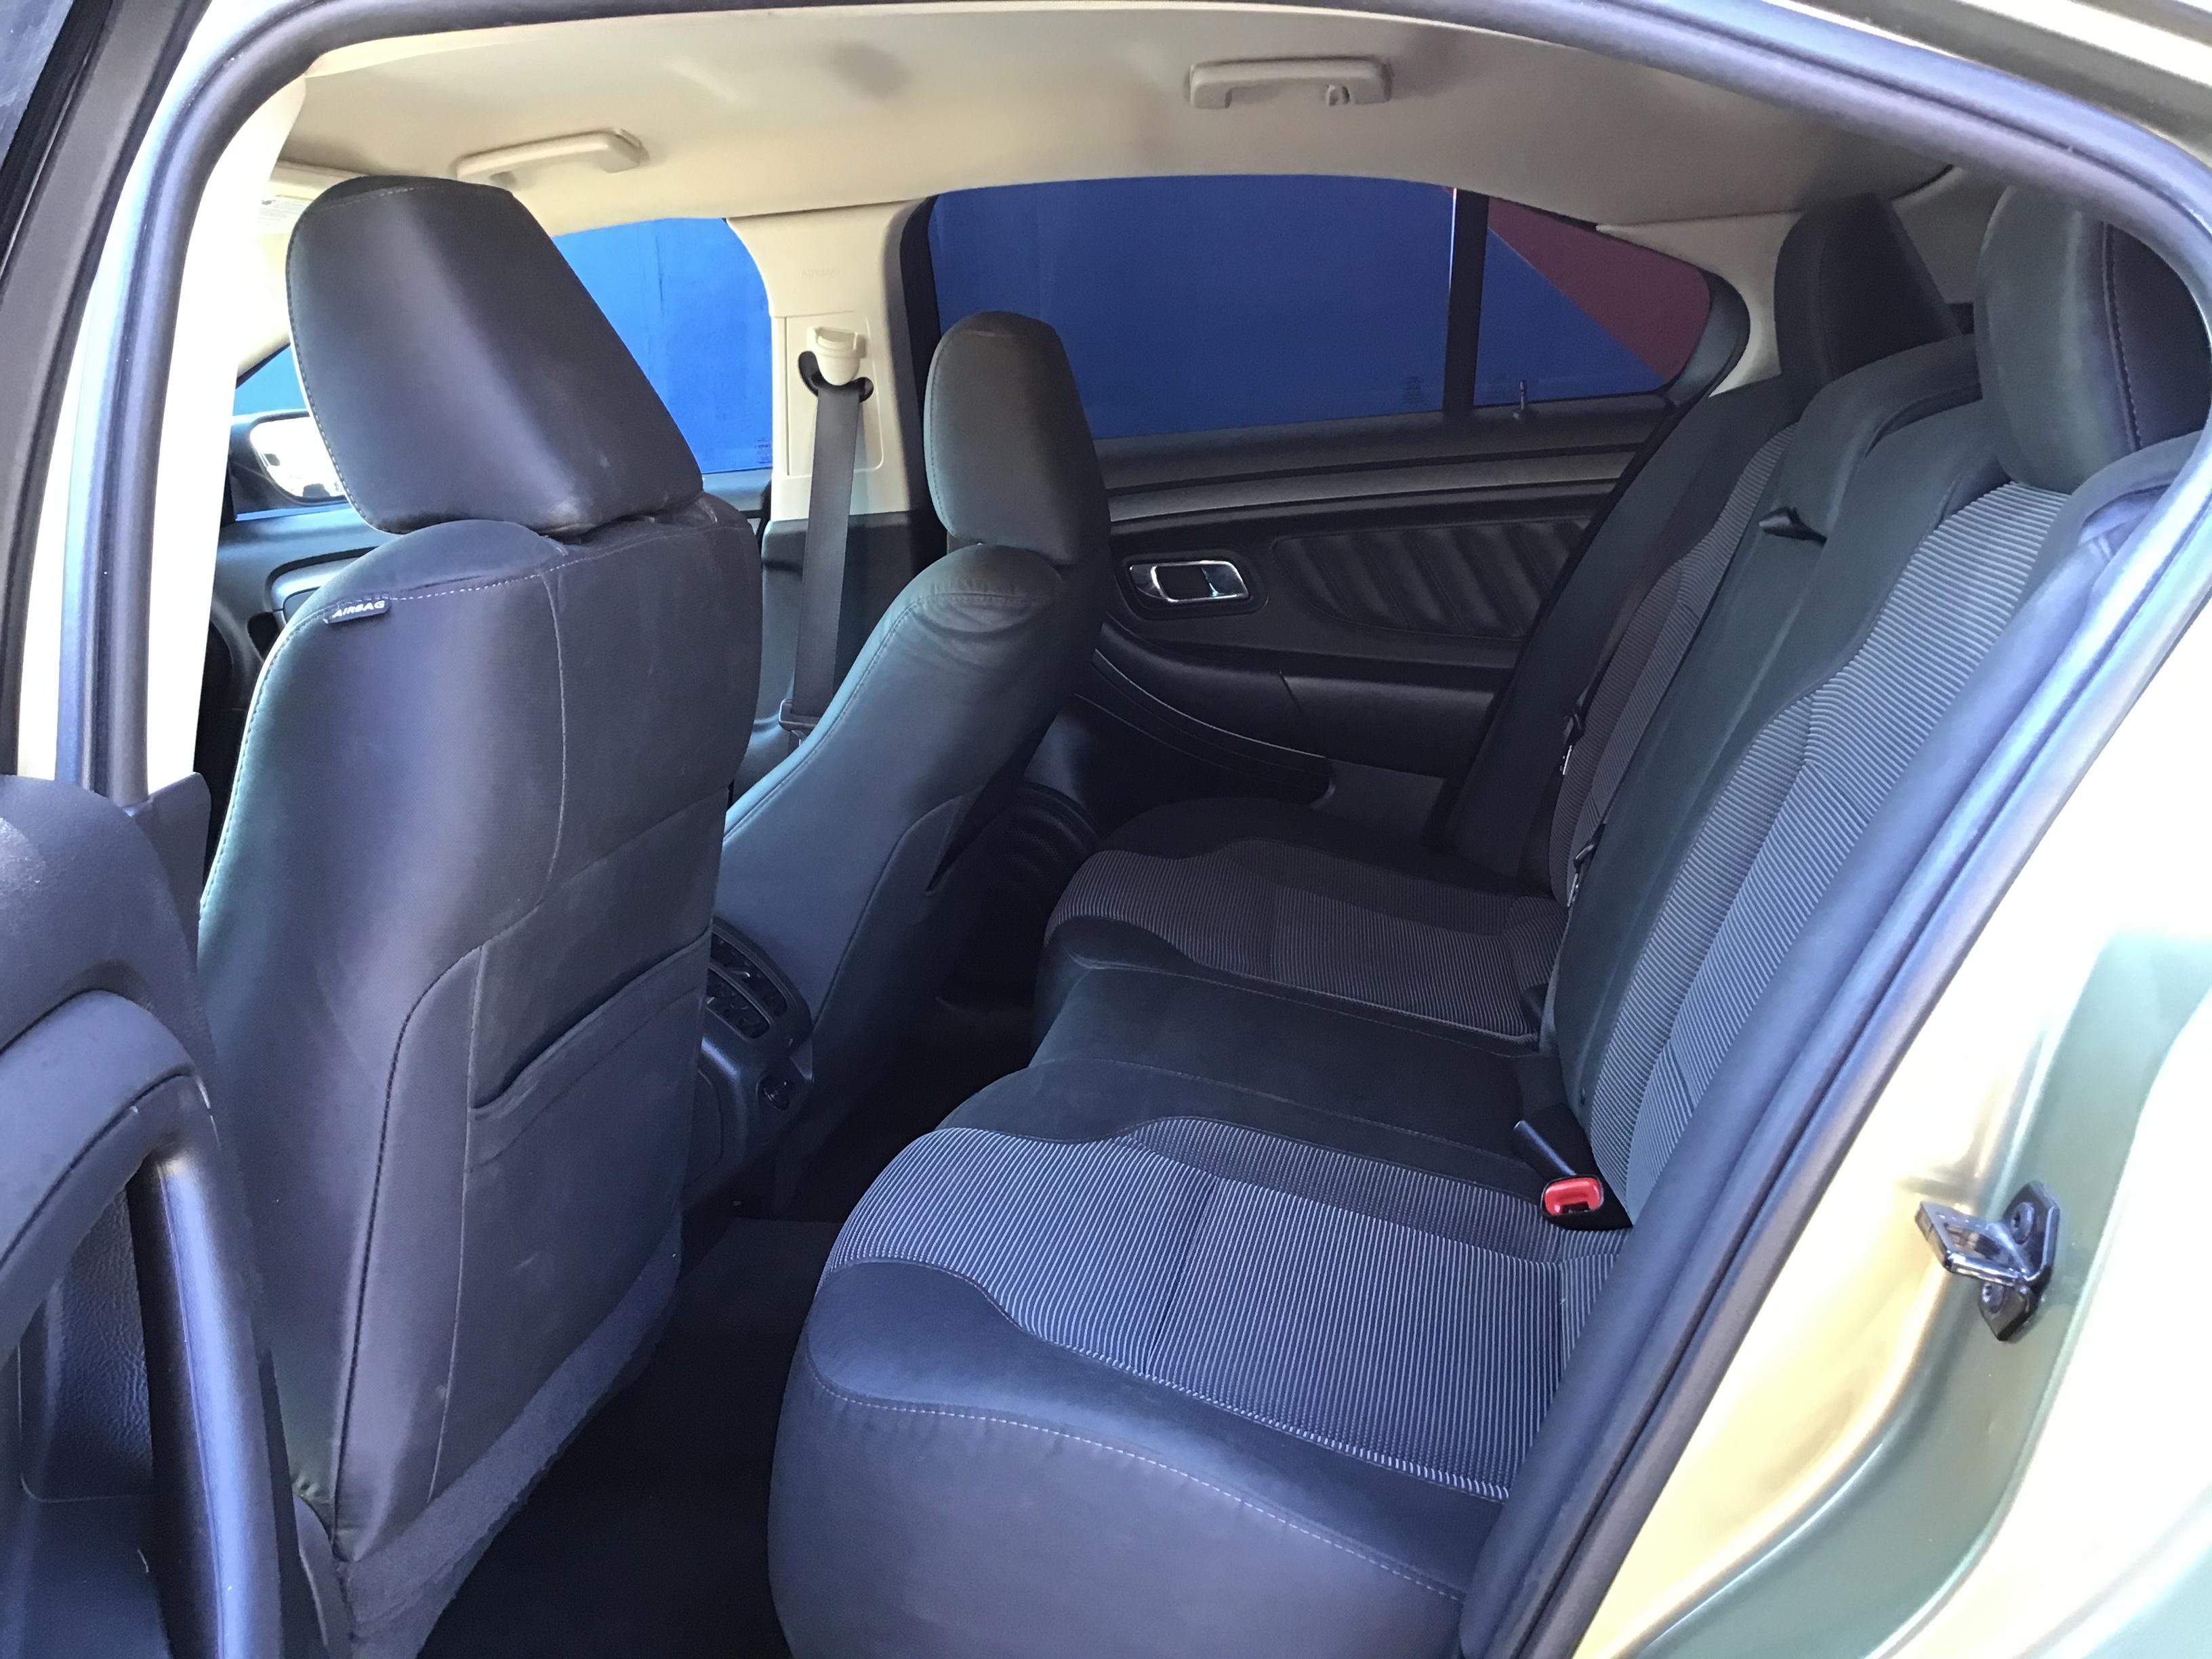 used vehicle - Sedan FORD TAURUS 2012